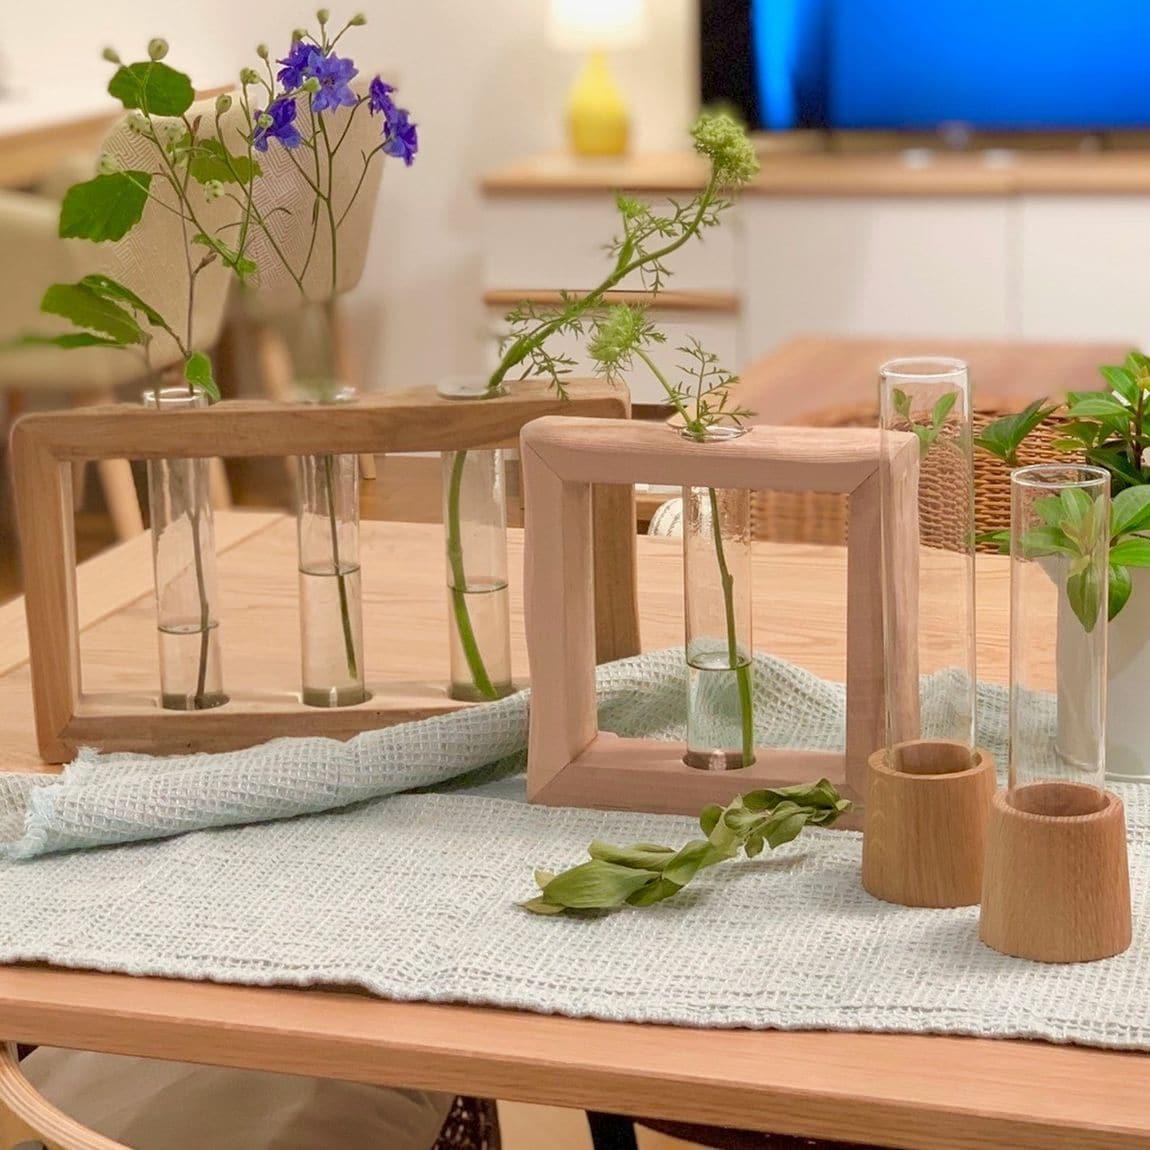 【イデーショップヴァリエテ柏】BotanicaLife|自然と一緒に暮らす